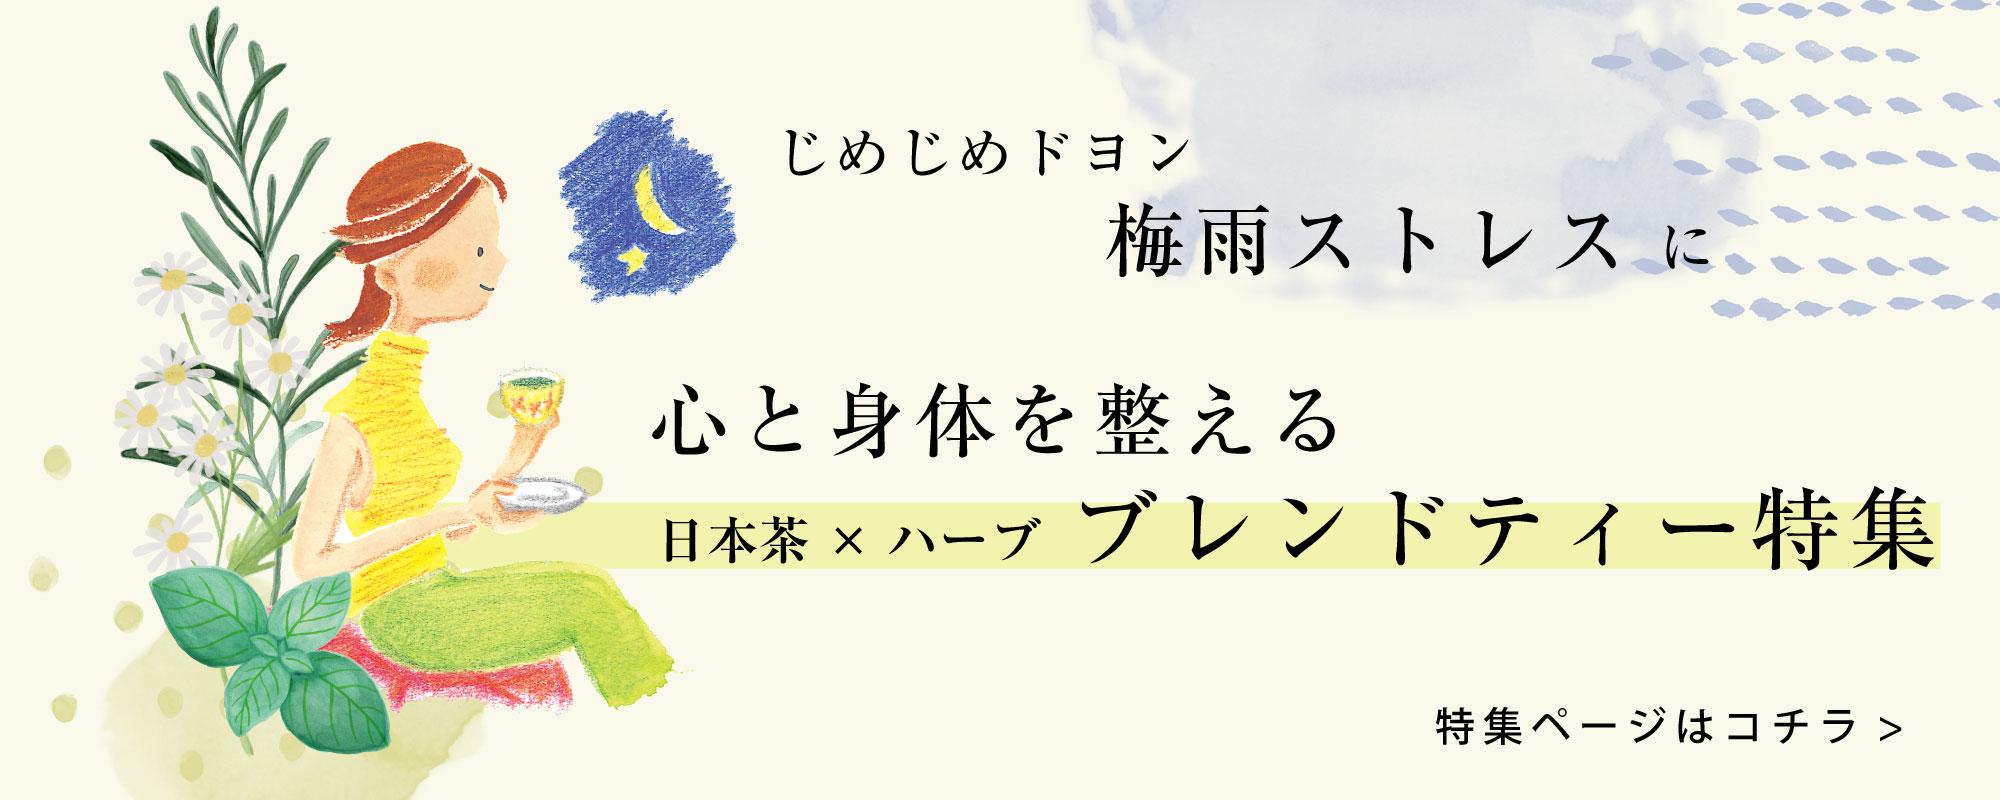 梅雨ストレスに日本茶×ハーブのブレンドティー